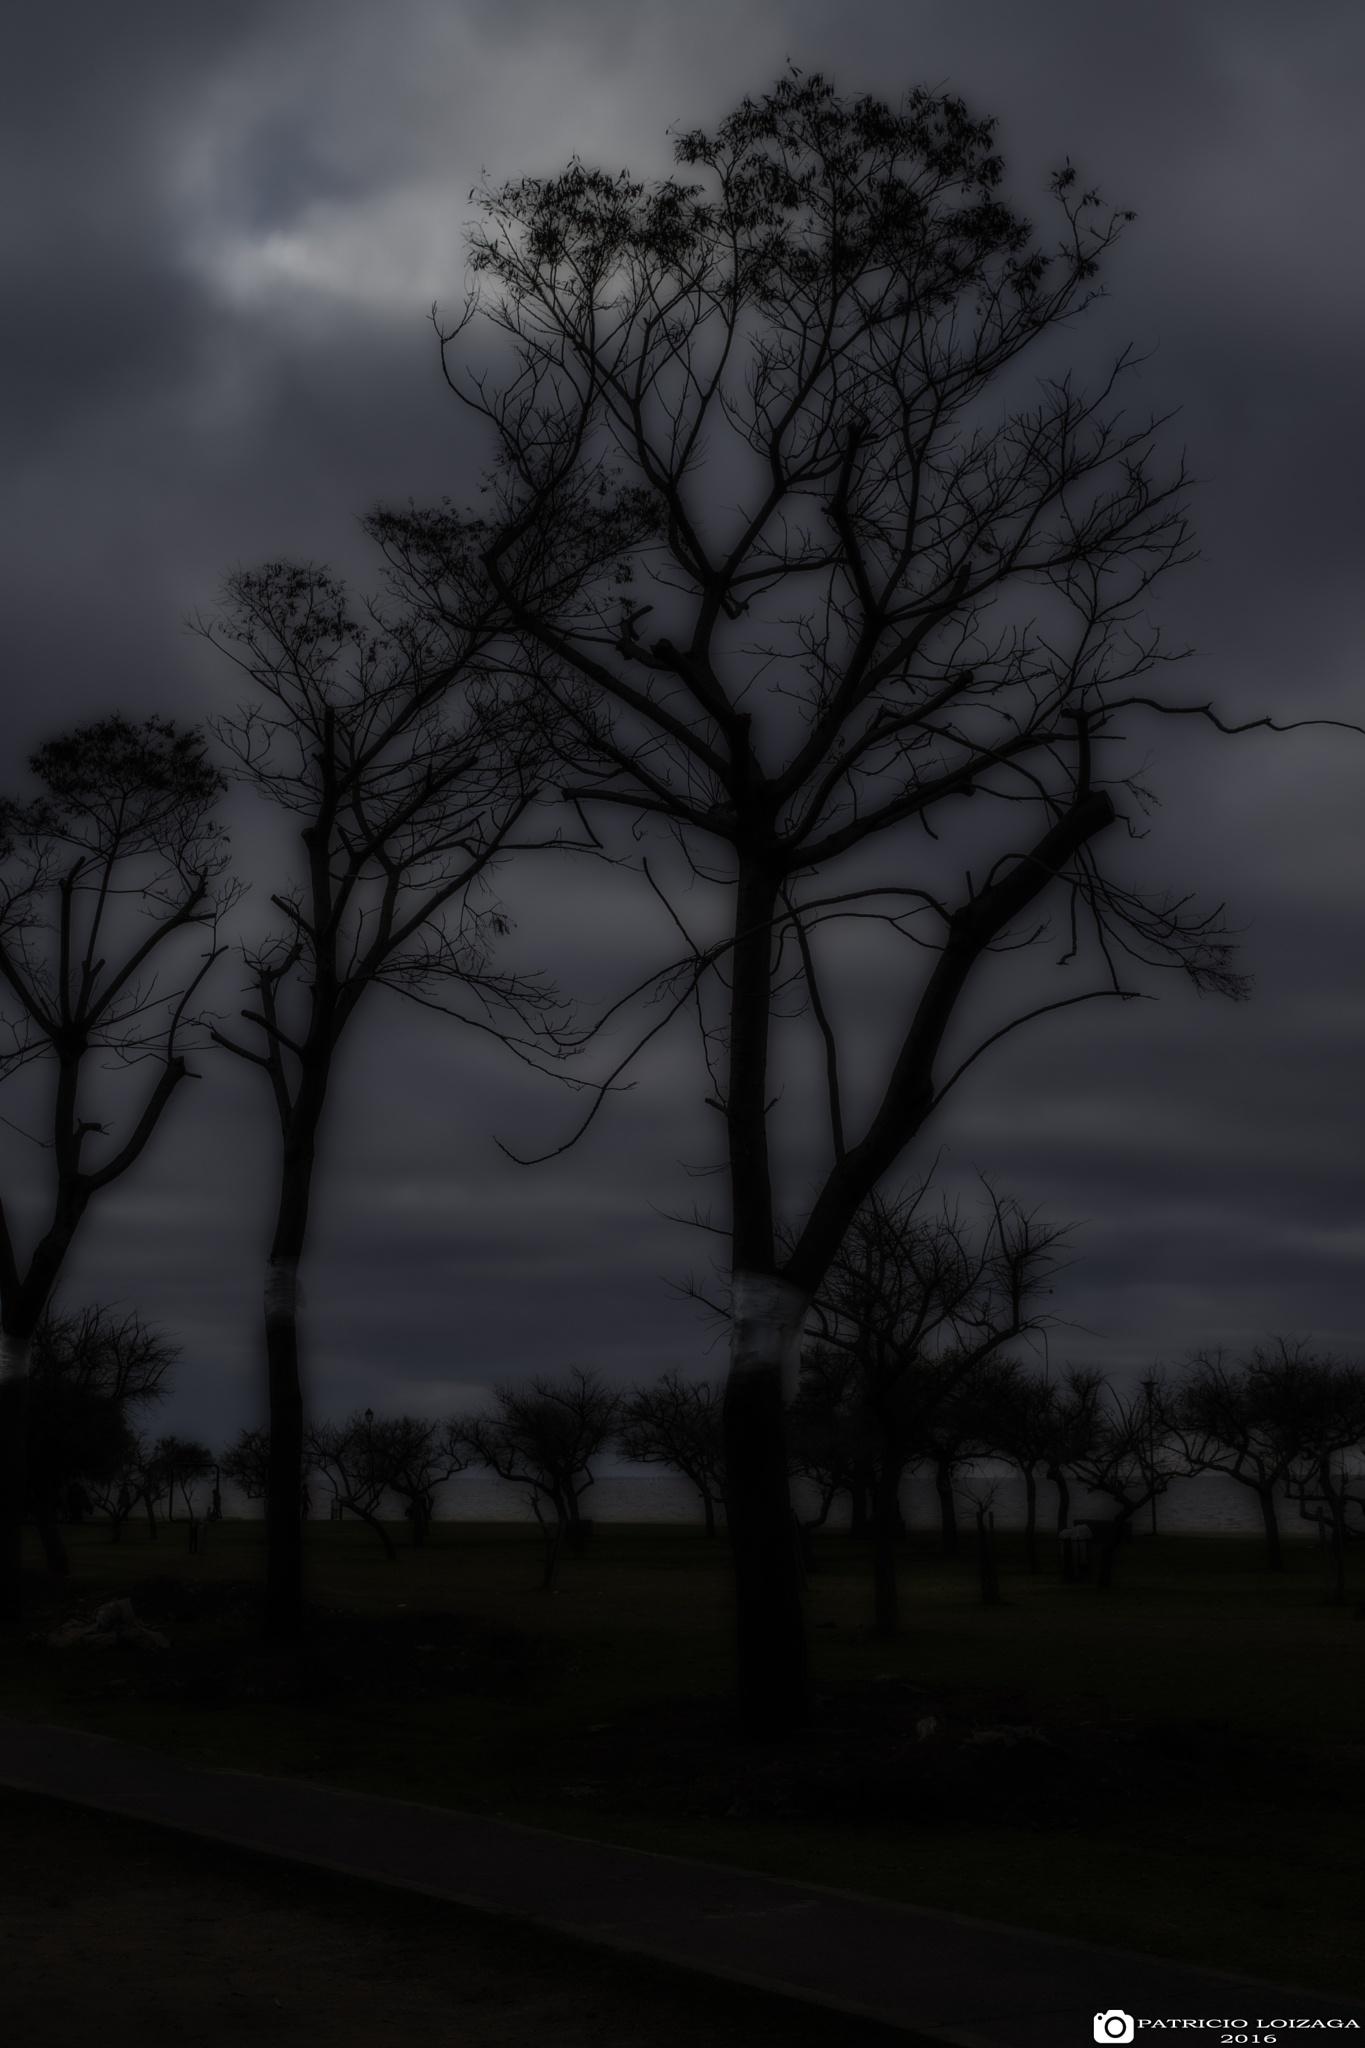 BOO TREE by Patricio Ezequiel Lóizaga